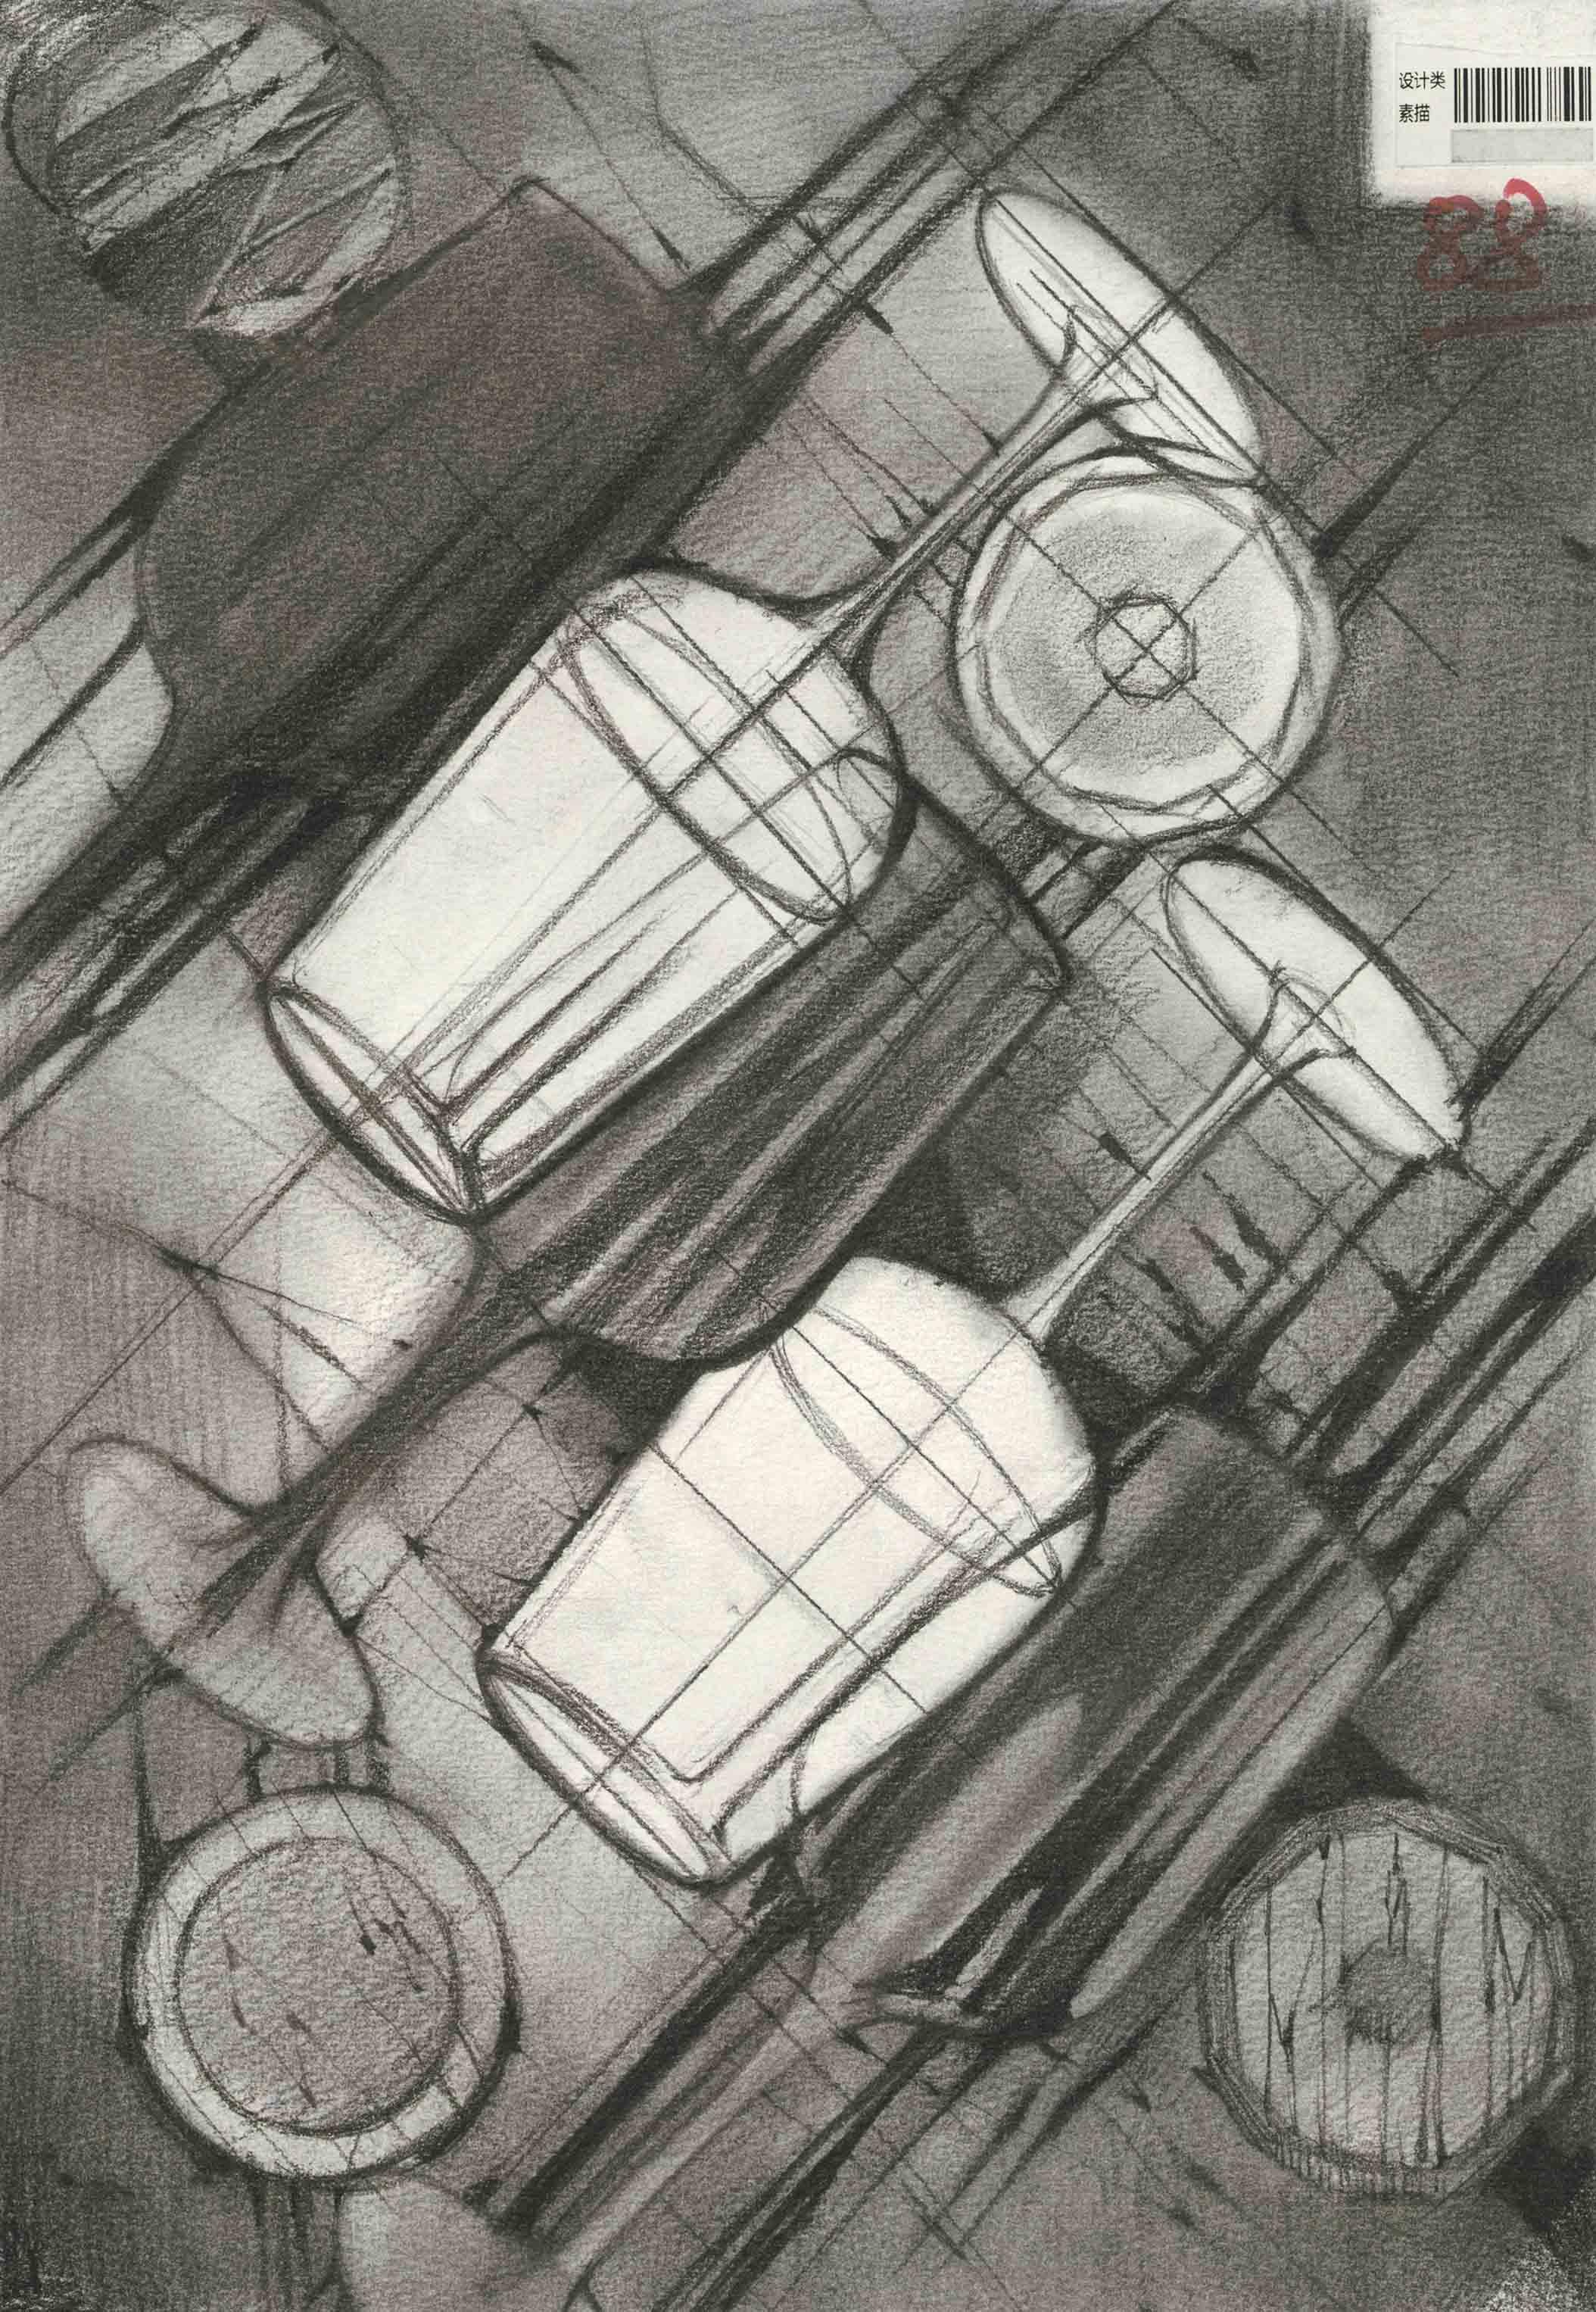 《解密高分卷-川美设计篇》之设计素描图片